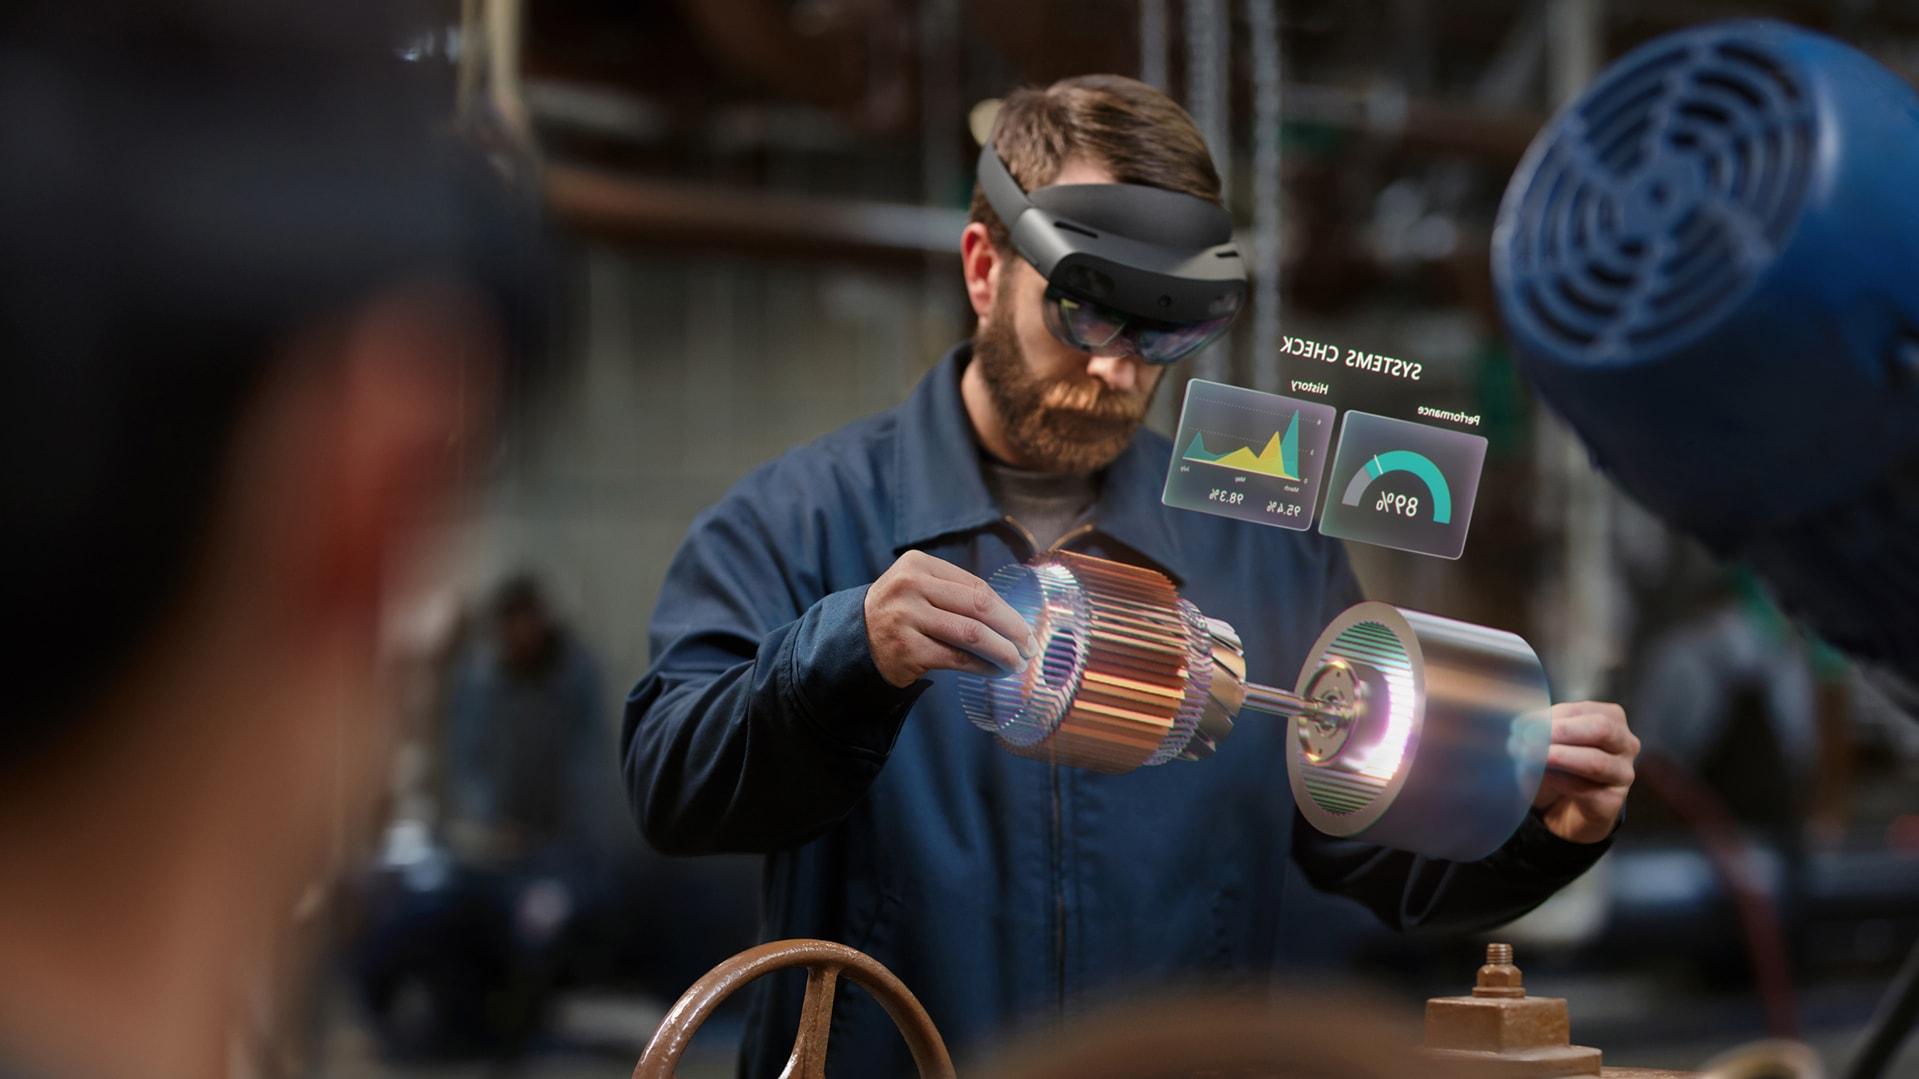 Ein Mann benutzt sein HoloLens-Gerät bei der Arbeit